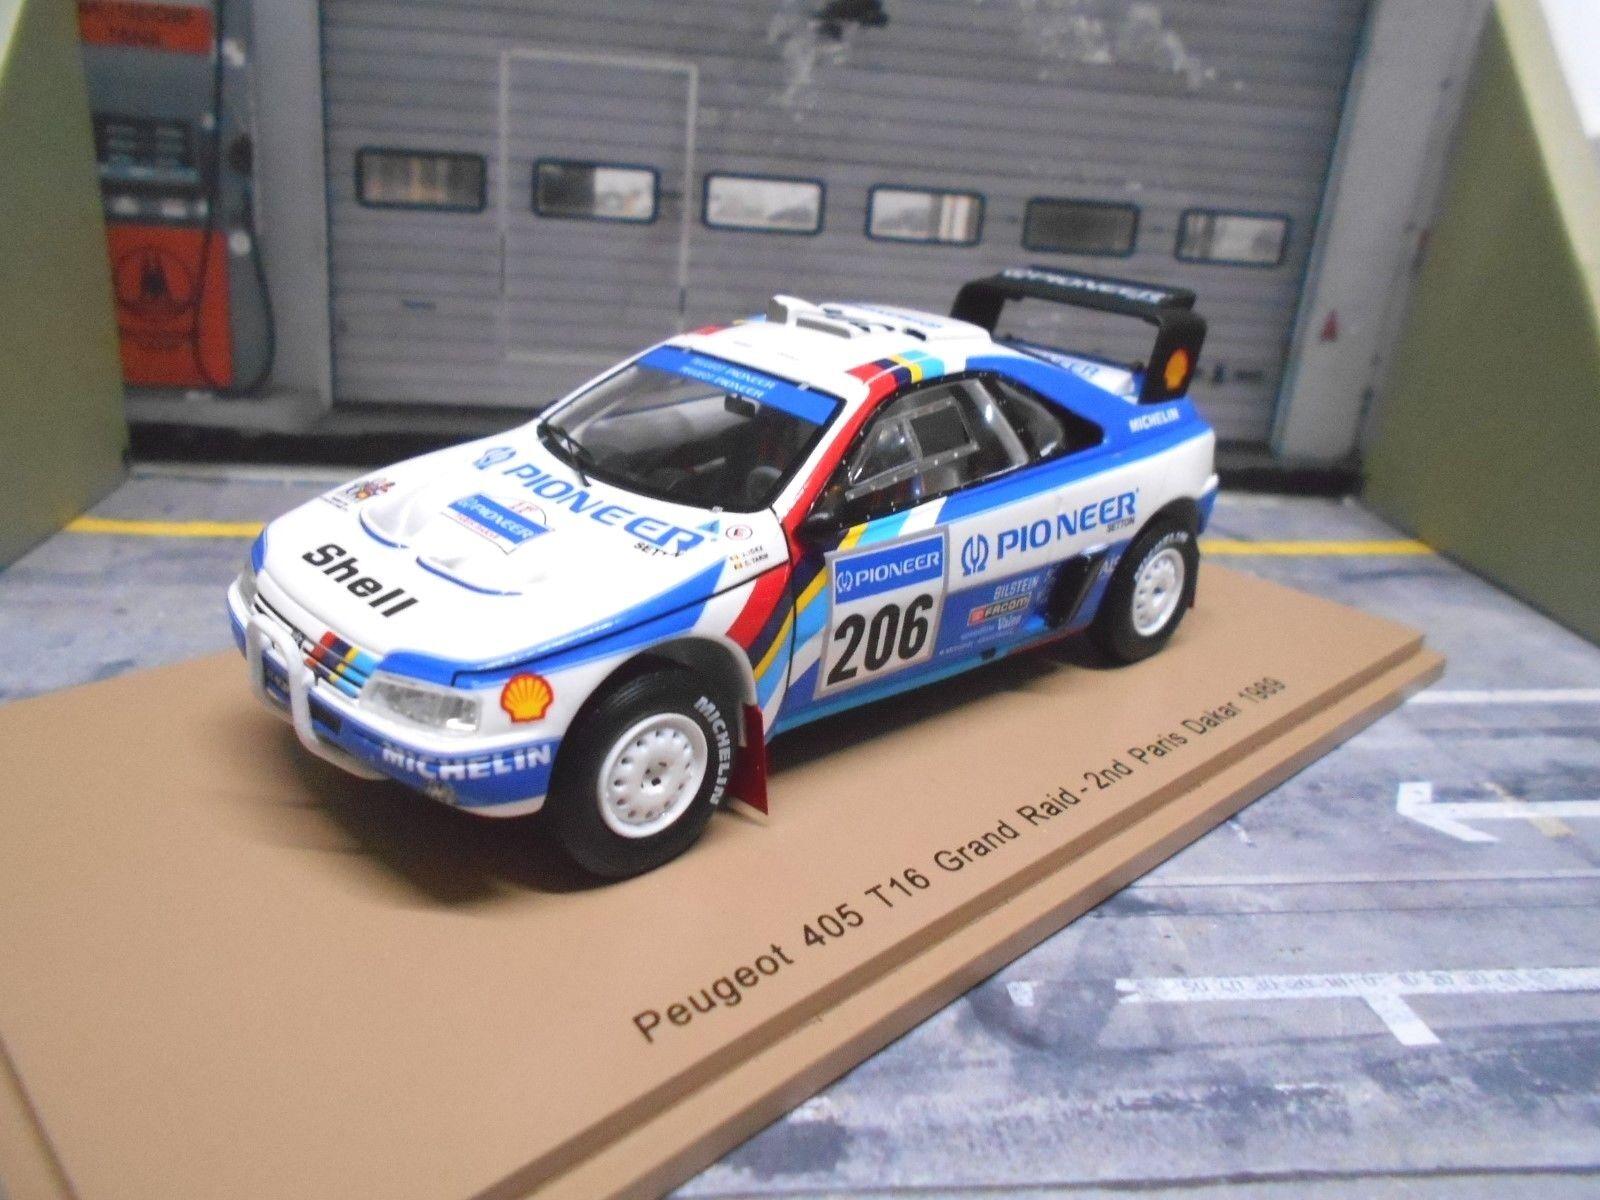 tienda hace compras y ventas Peugeot 405 t16 rally raid parís dakar 1989    206 Ickx Pioneer Spark resin 1 43  para mayoristas